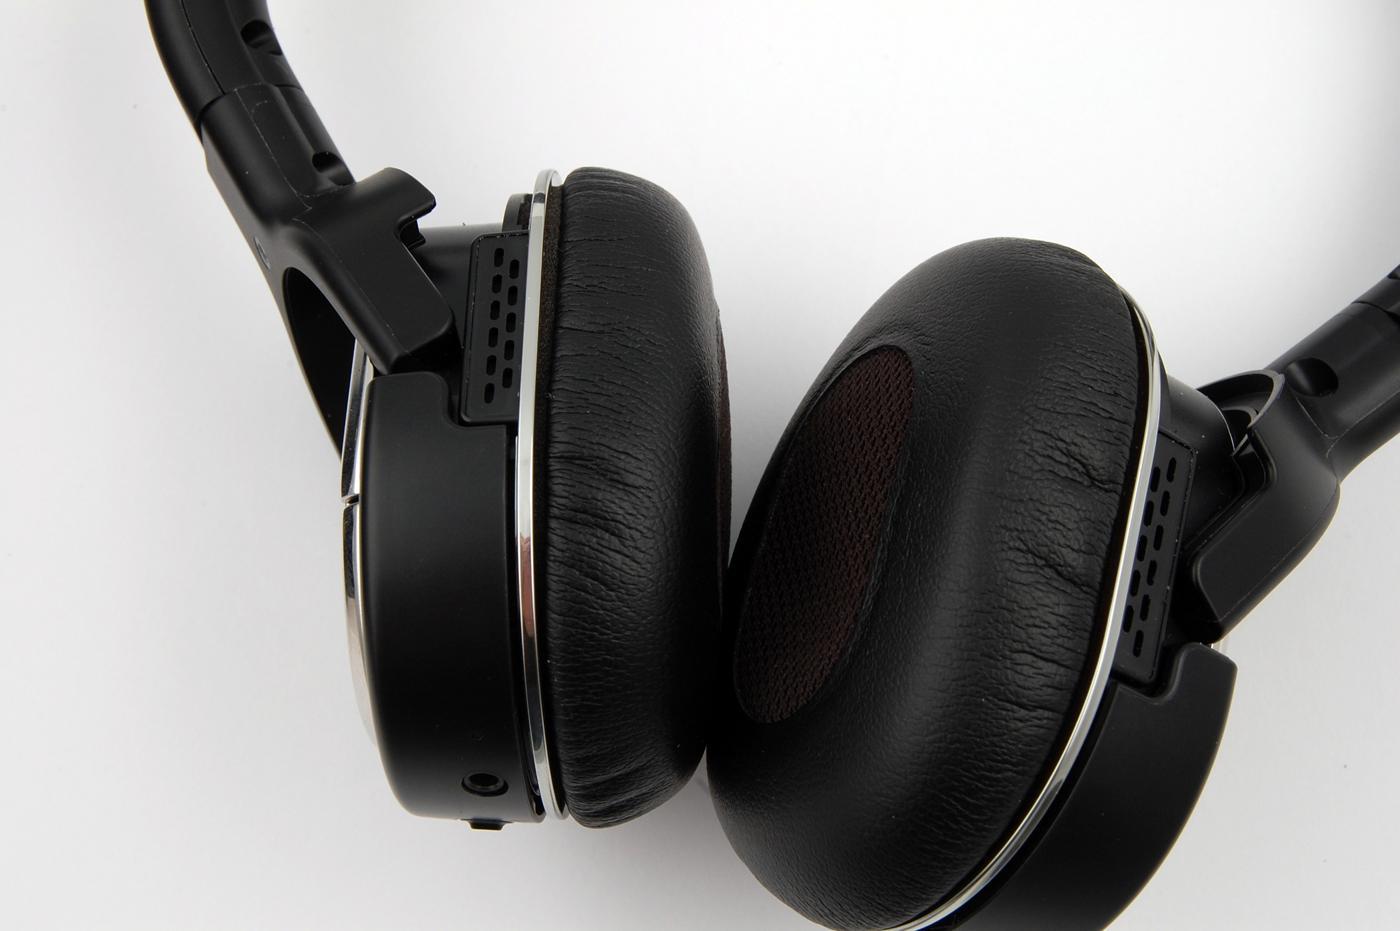 Øreputene er behagelige, men hodesettet kan lett falle av ørene under bevegelse.